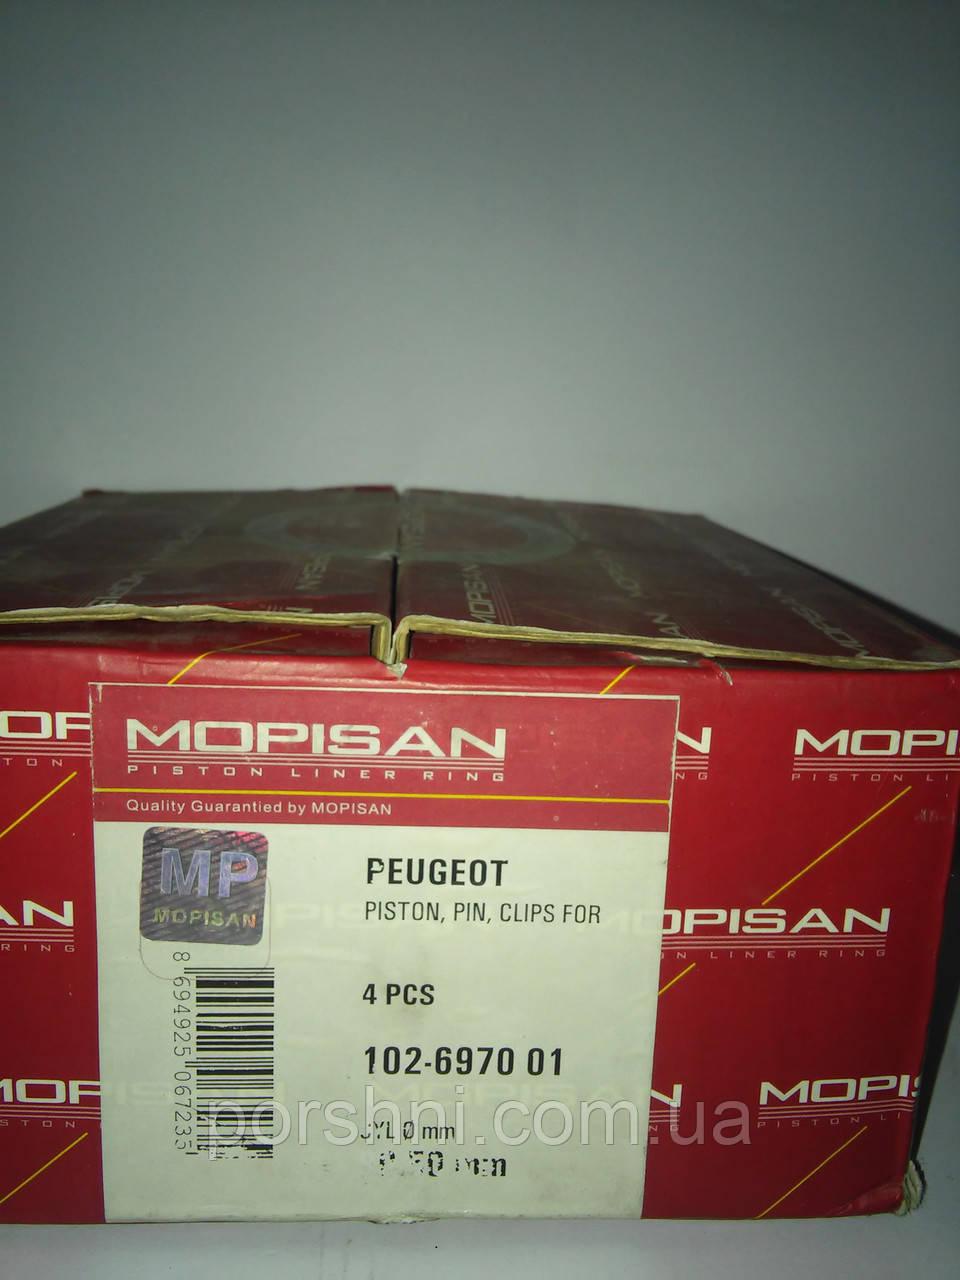 Поршни   Пежо     1769 т. д      ( 3 х 2 х 3 )  диам  80.5 Mopisan 697001